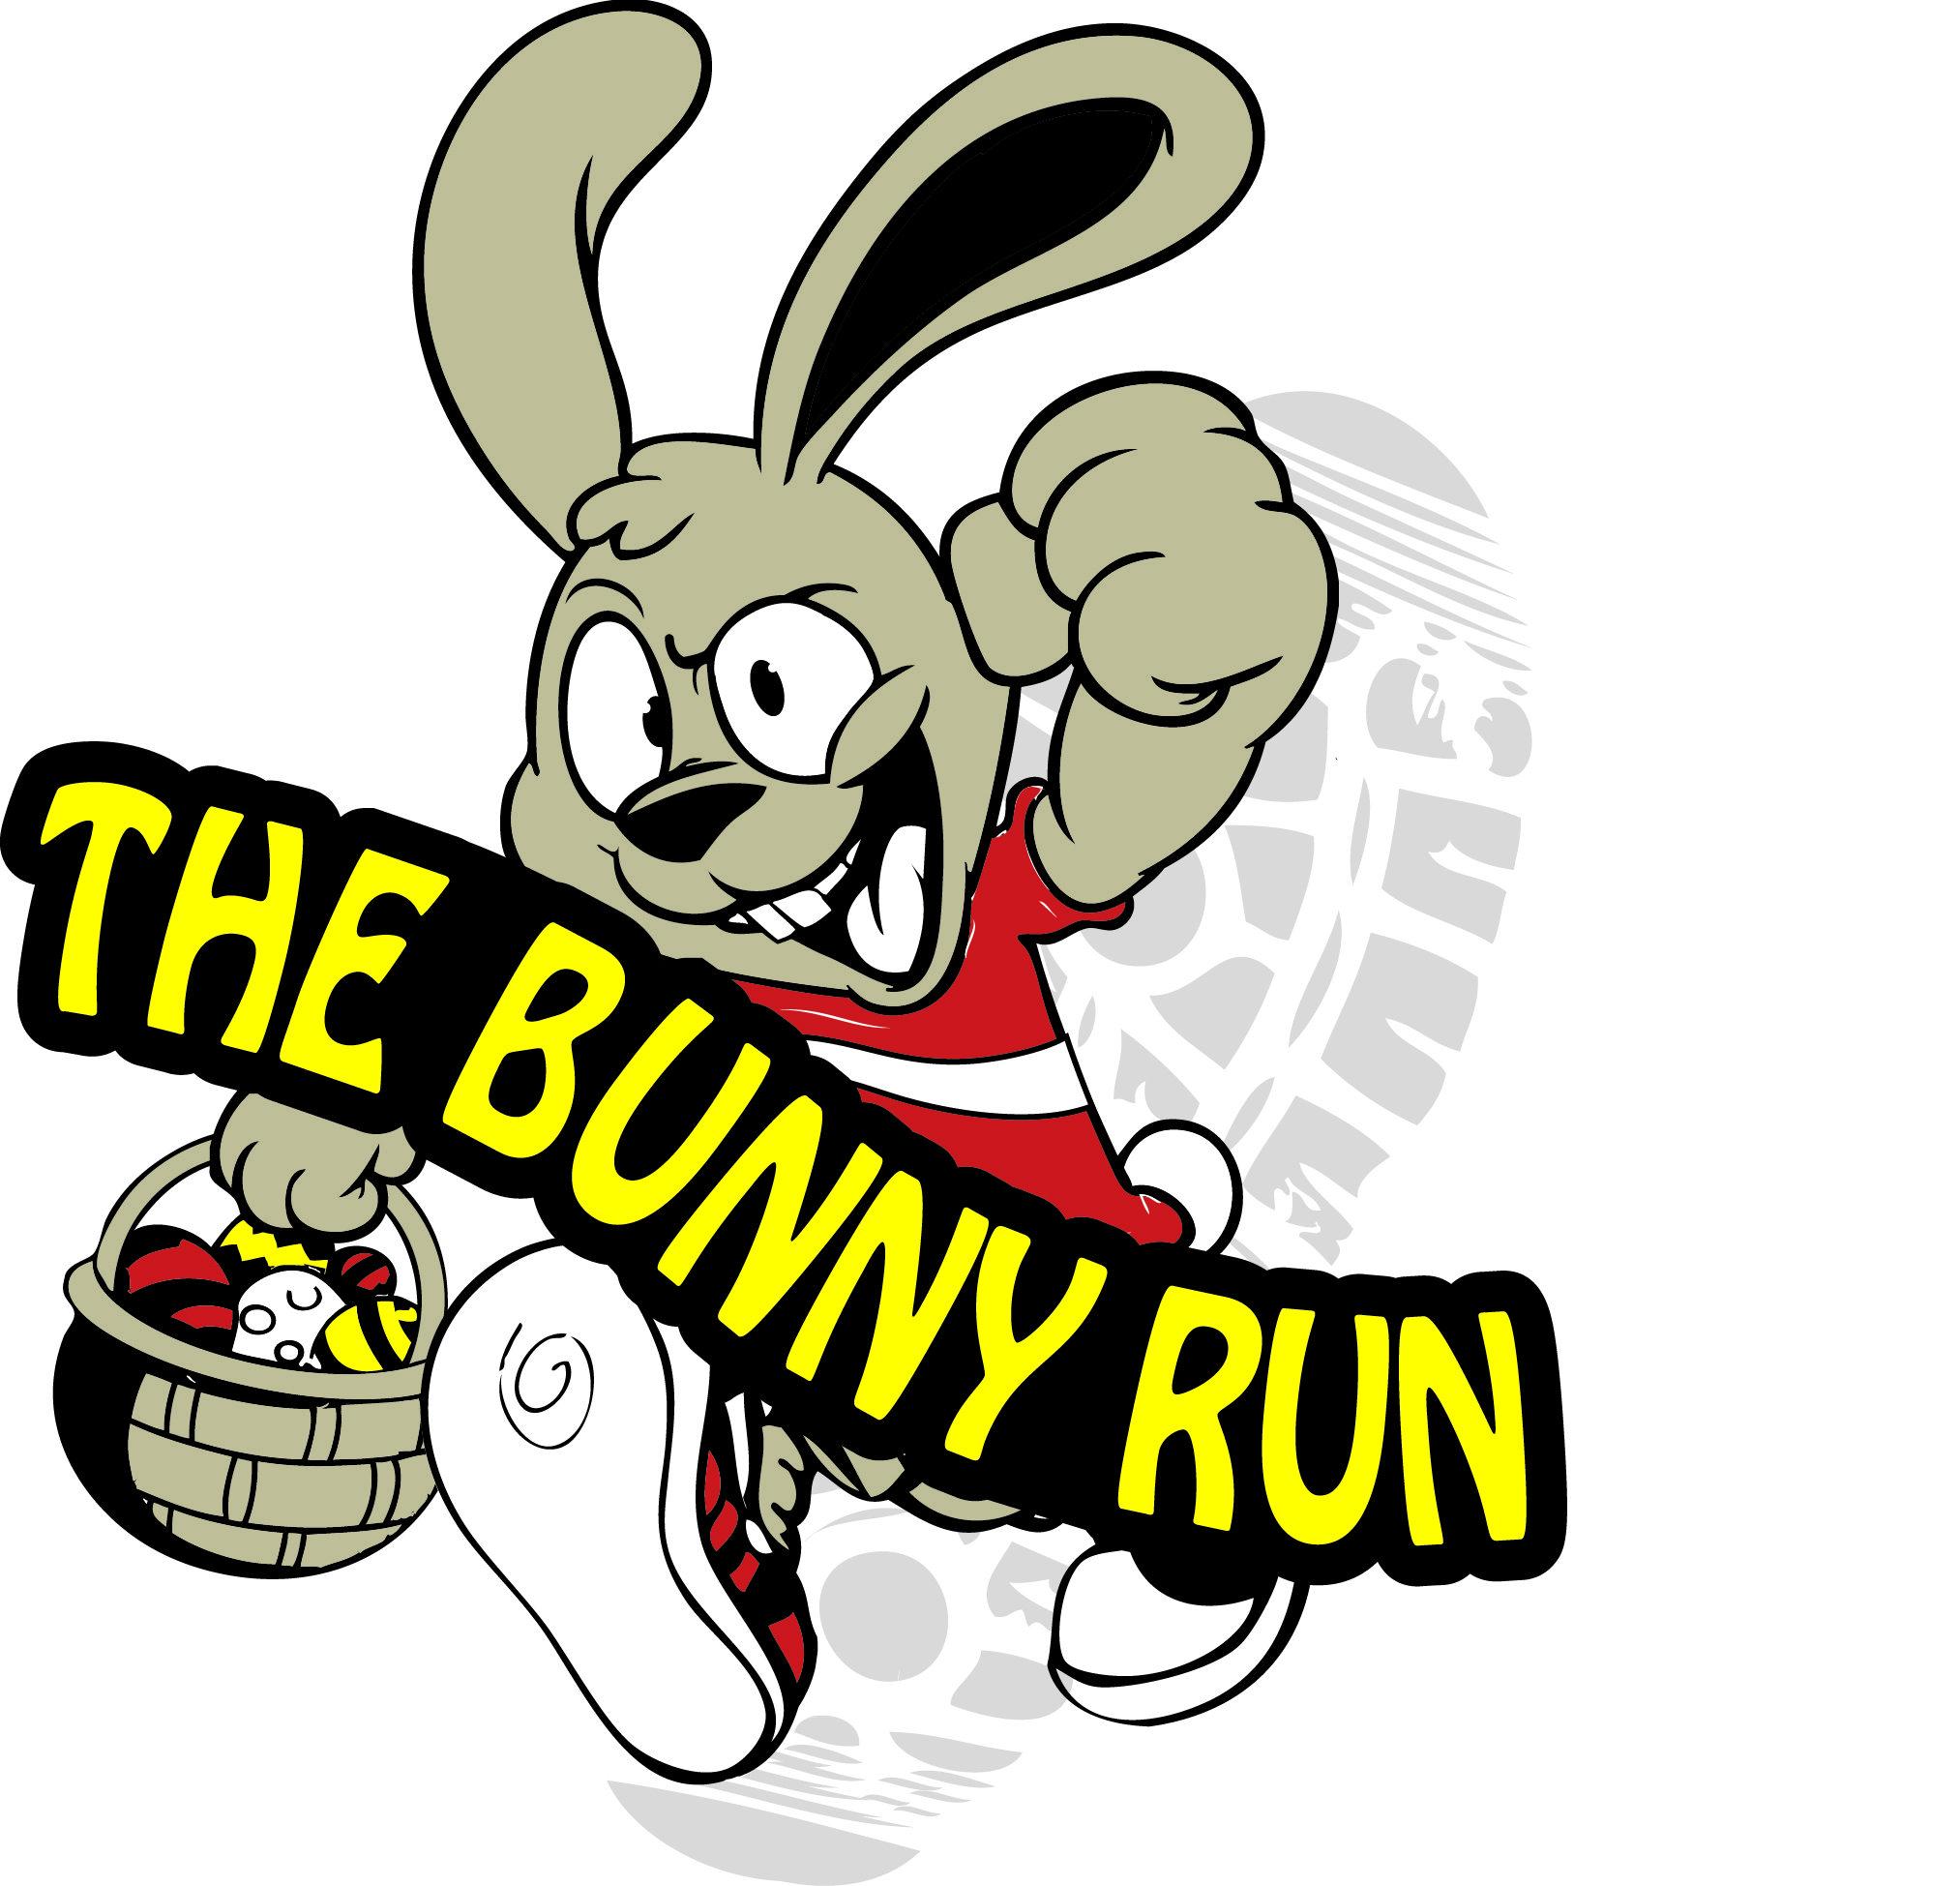 Race clipart bunny #11